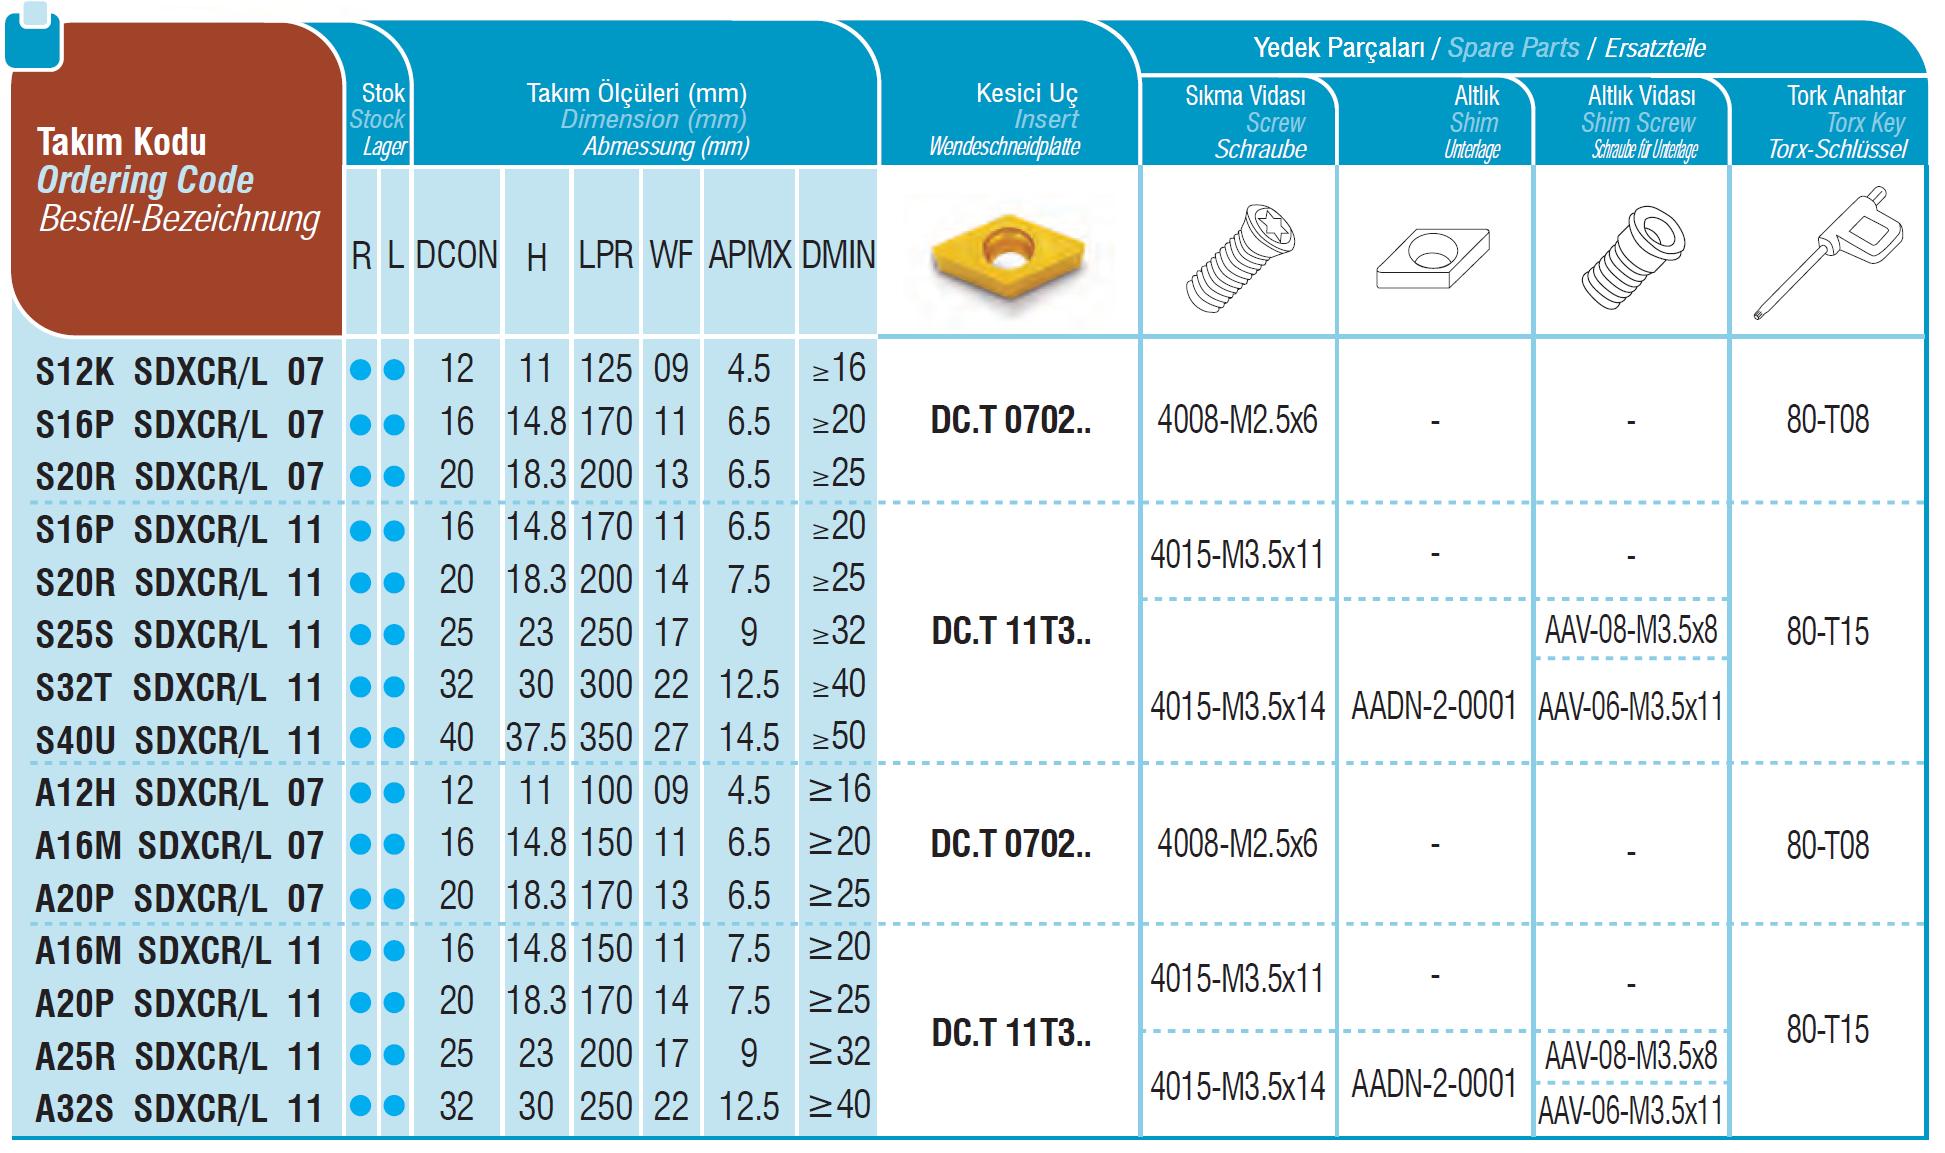 Bohrstangen SDXCR / SDXCL